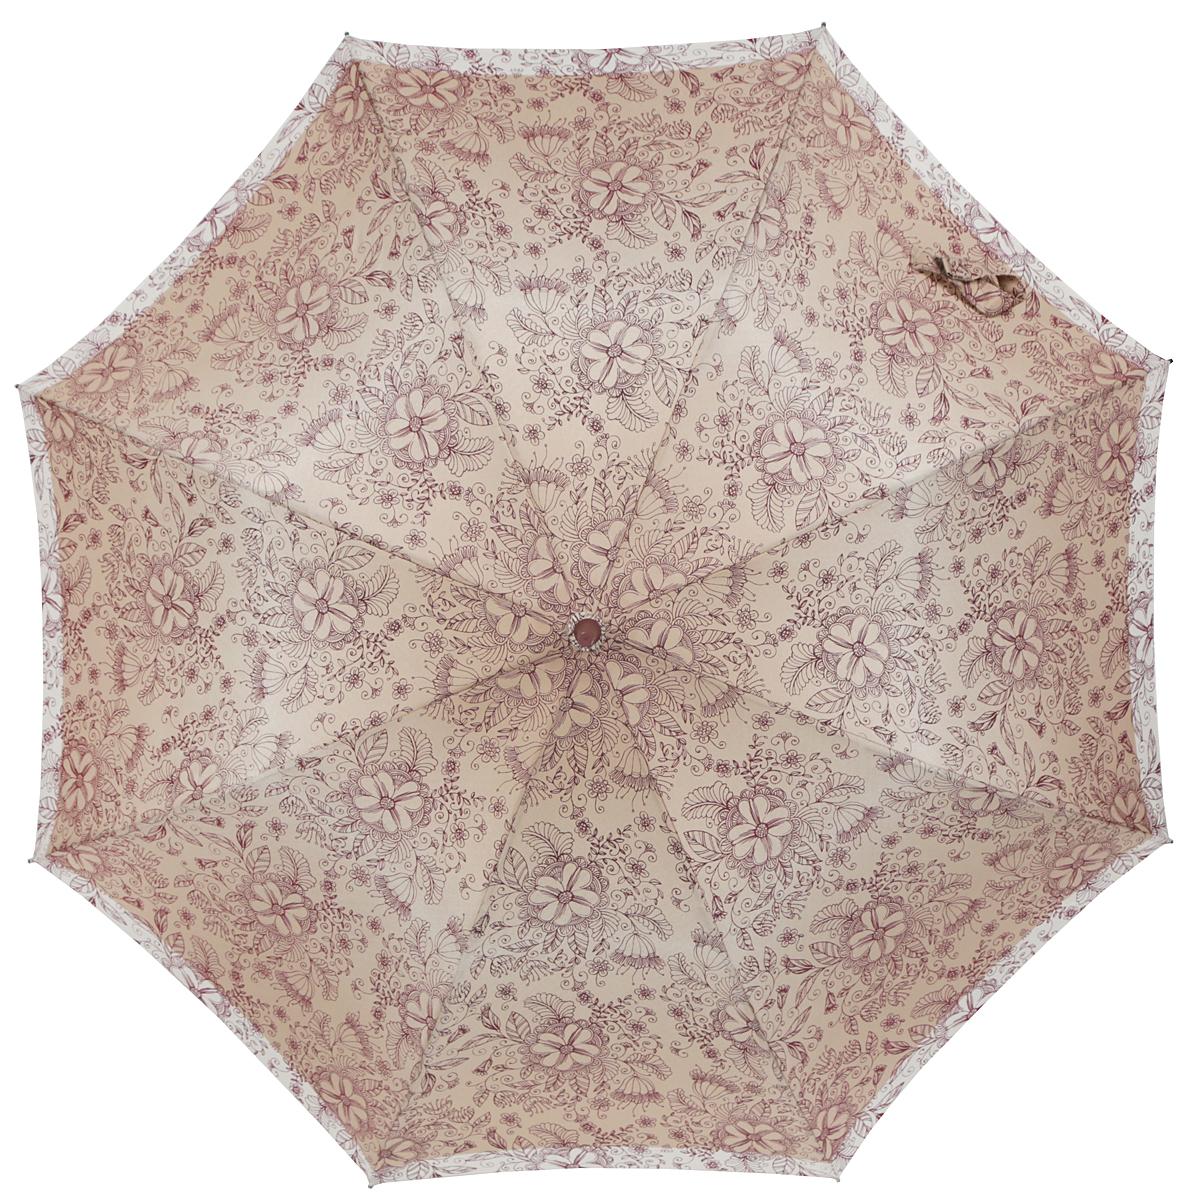 Зонт-трость женский Zest, полуавтомат, цвет: темно-бежевый, бордовый, бежевый. 21629-109721629-1097Элегантный полуавтоматический зонт-трость Zest займет достойное место среди вашей коллекции аксессуаров. Каркас зонта из фибергласса состоит из 8 спиц и прочного стержня. Специальная система Windproof защищает его от поломок во время сильных порывов ветра. Купол зонта изготовлен из прочного полиэстера с водоотталкивающей пропиткой и оформлен стильным цветочным орнаментом. Рукоятка закругленной формы, разработанная с учетом требований эргономики, выполнена из металла и пластика. Зонт имеет полуавтоматический механизм сложения: купол открывается нажатием на кнопку и закрывается вручную до характерного щелчка. Модель закрывается при помощи хлястика на застежку-липучку. Очаровательный зонт не только выручит вас в ненастную погоду, но и станет стильным аксессуаром, который прекрасно дополнит ваш модный образ.